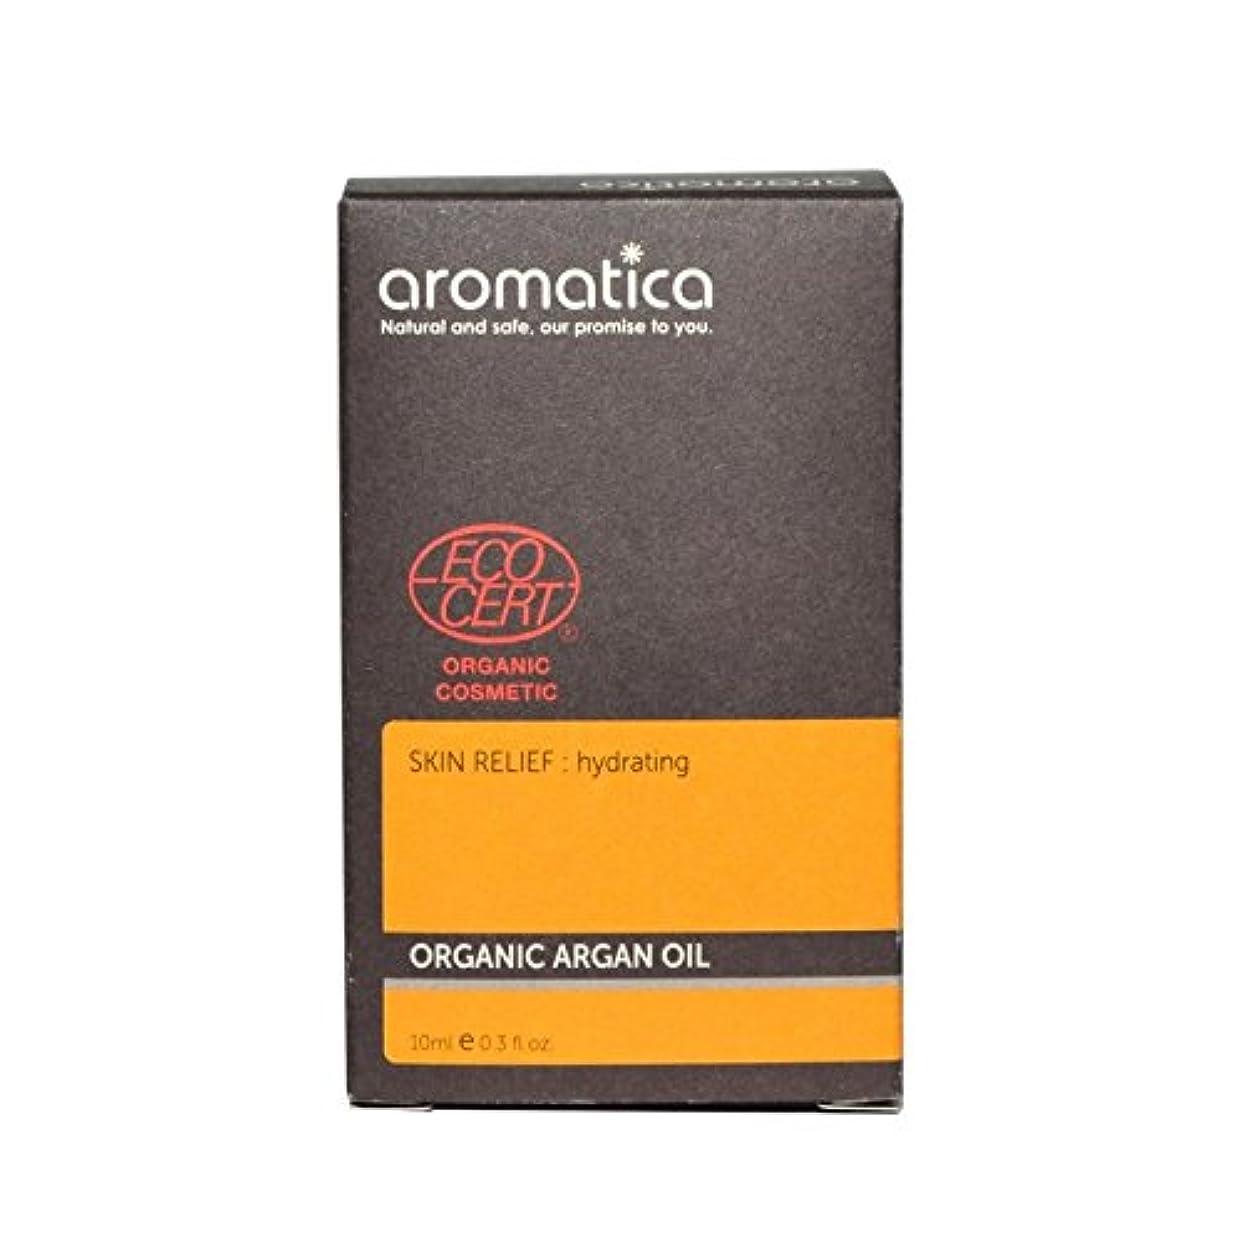 卒業記念アルバム組重大aromatica Organic Argan Oil 10ml (Pack of 6) - オーガニックアルガンオイル10ミリリットル x6 [並行輸入品]